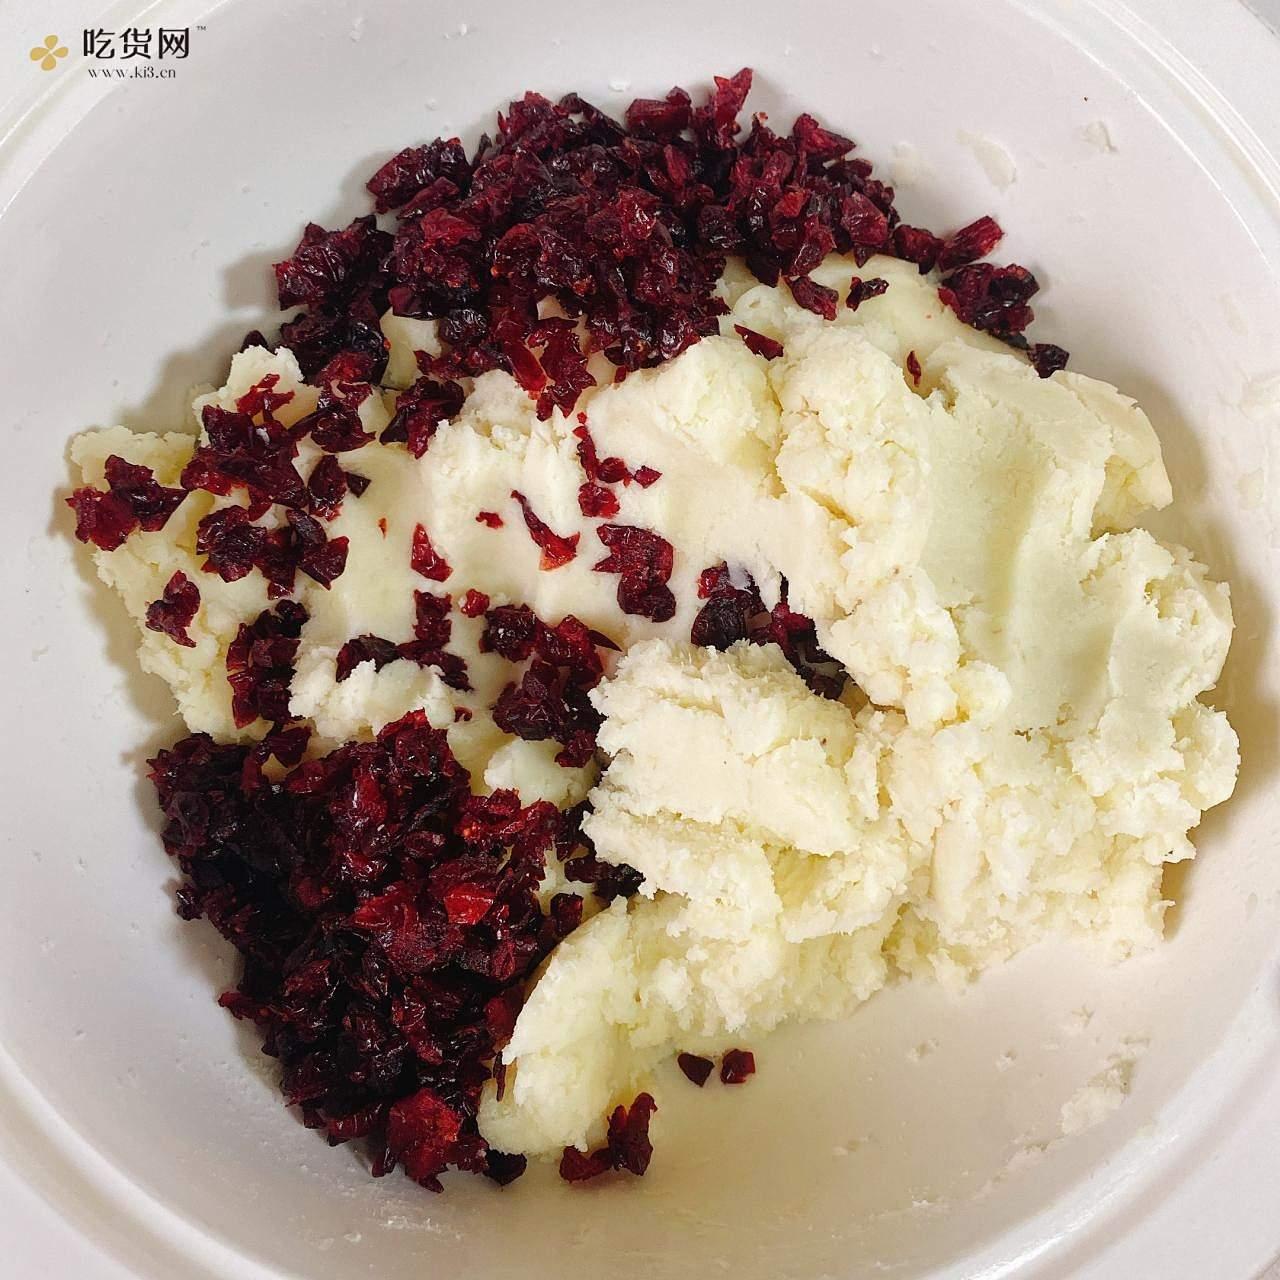 蔓越莓山药糕的做法 步骤10